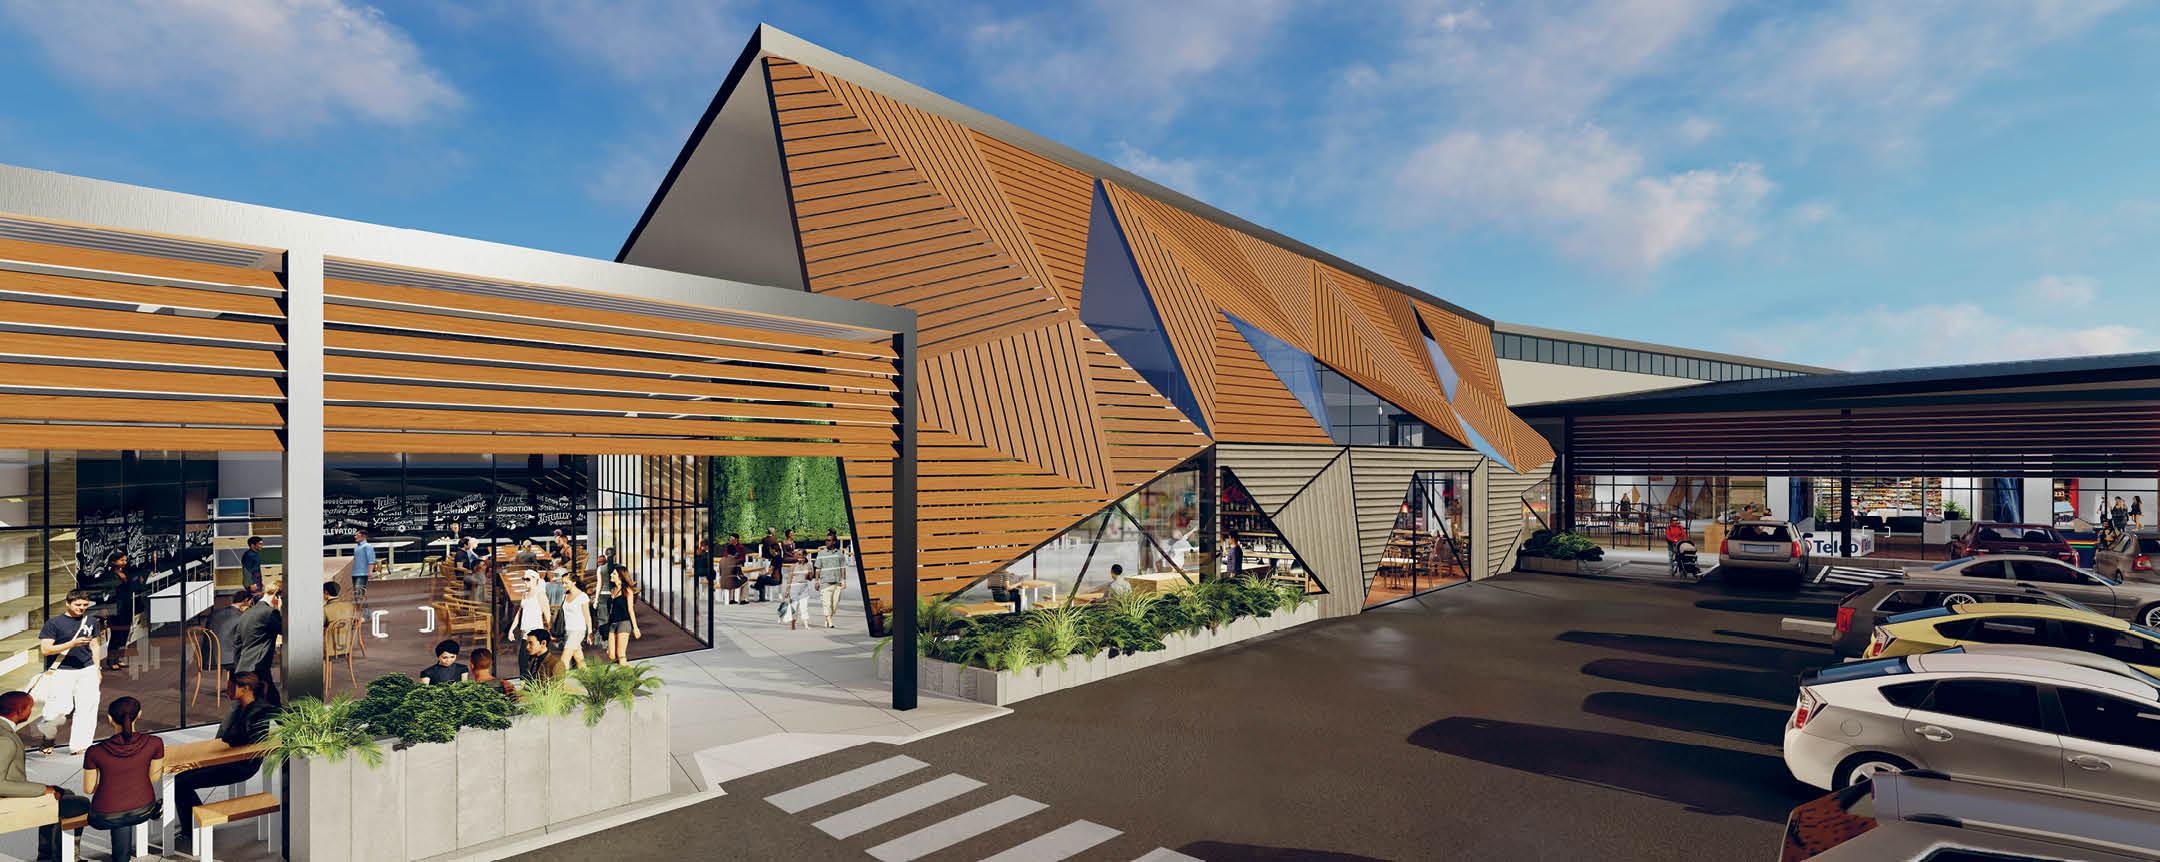 Lake-Macquarie-Fair-Redevelopment_1080x431-3